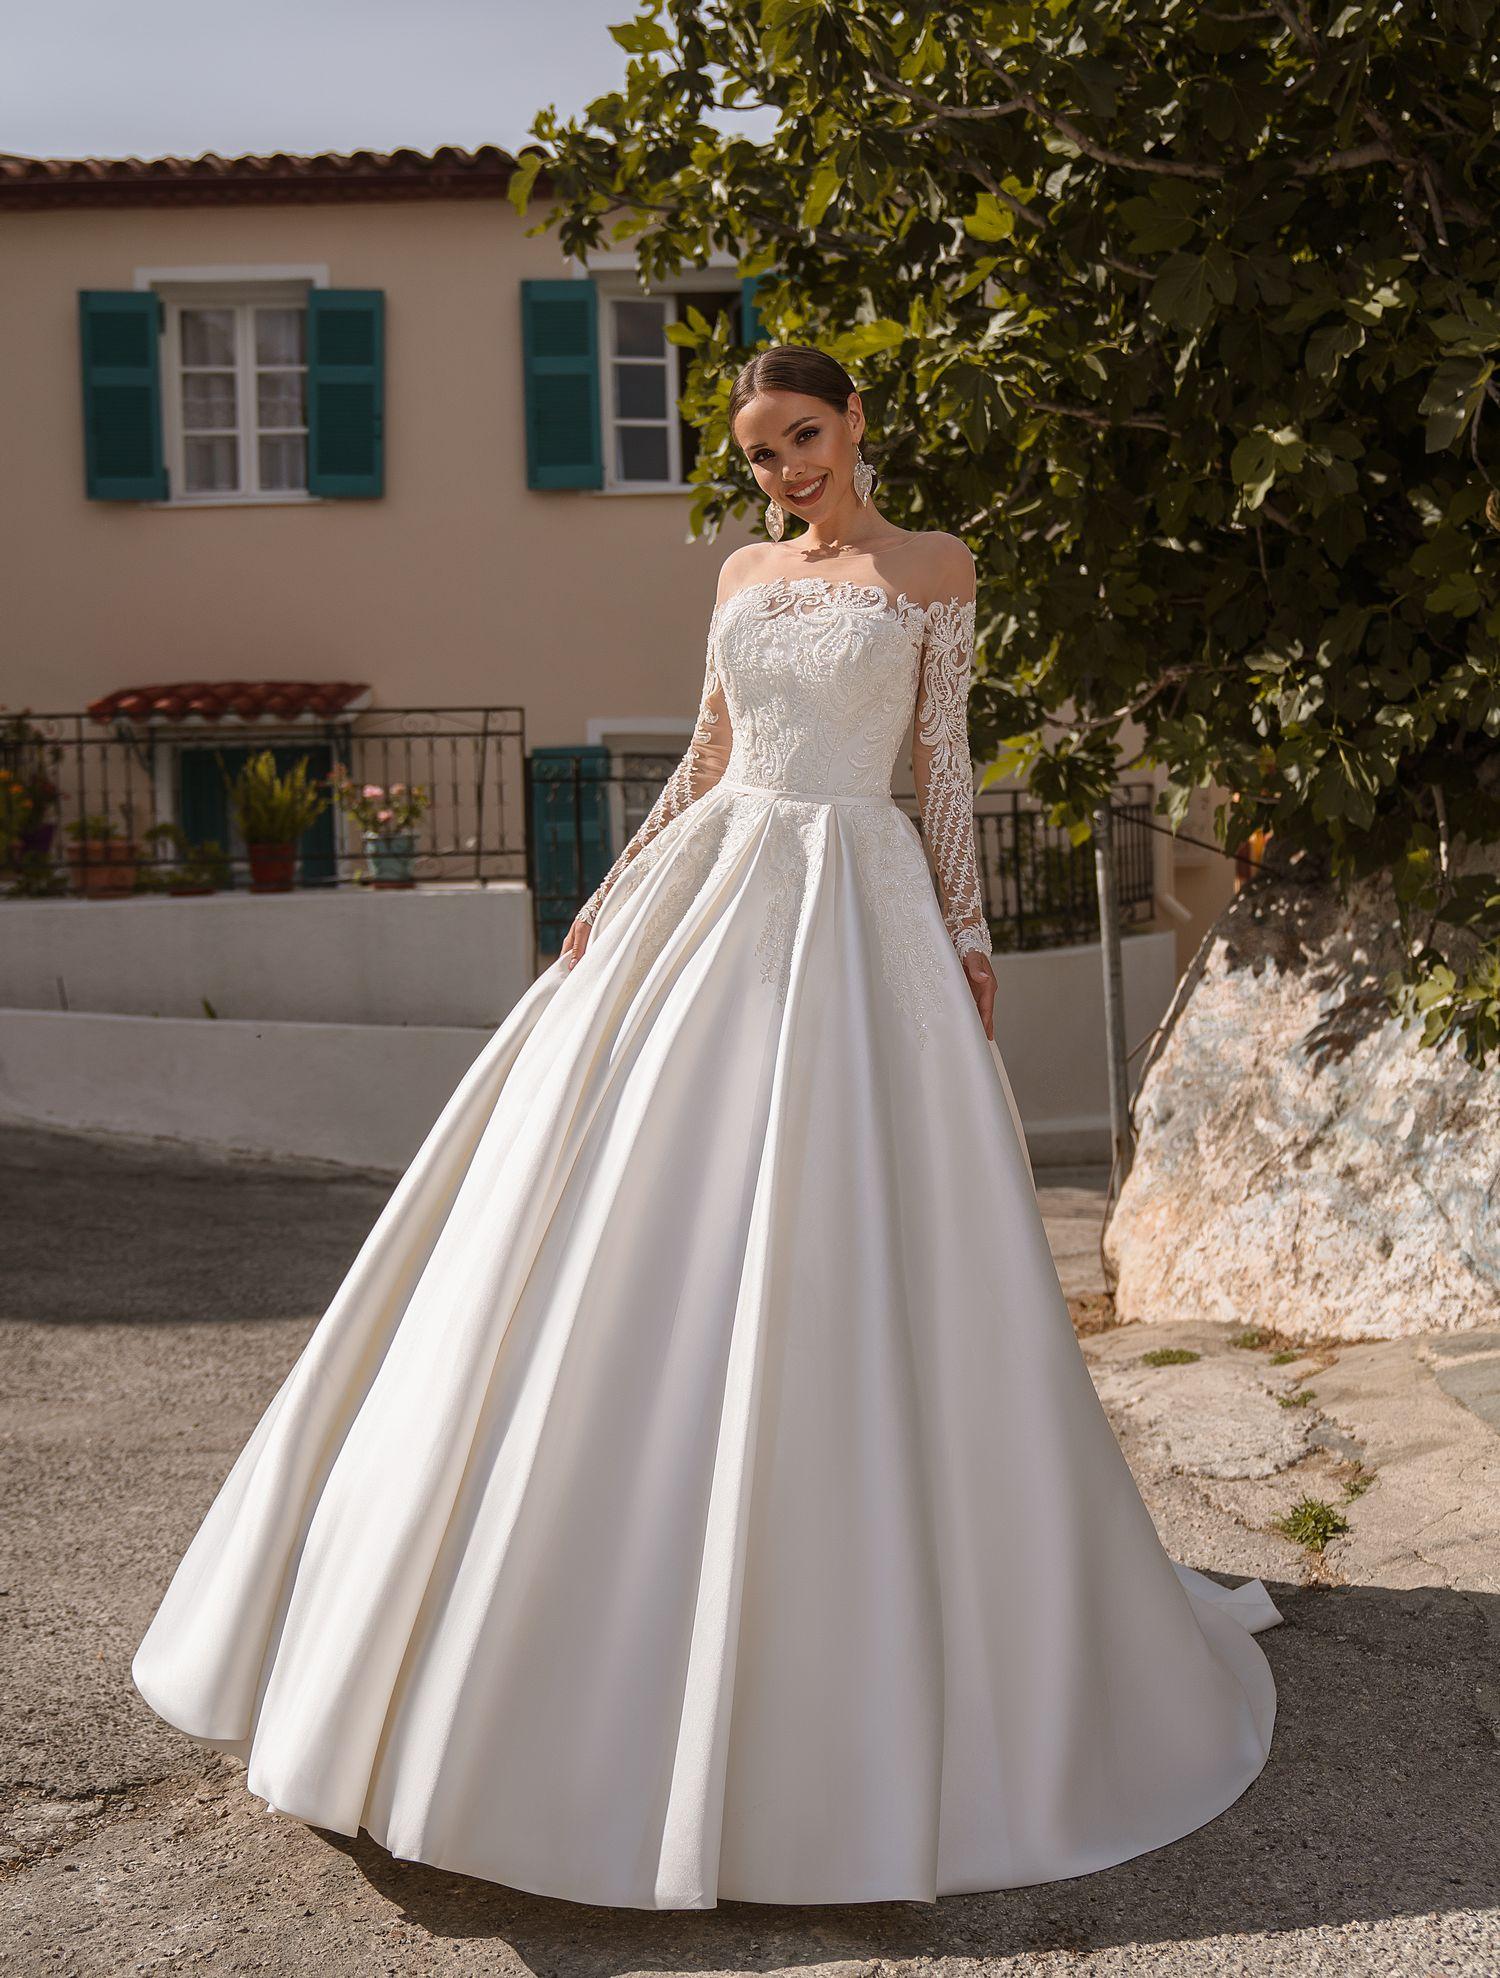 Весільна сукня з тканини мікадо від виробника ТМ Supernova оптом-1